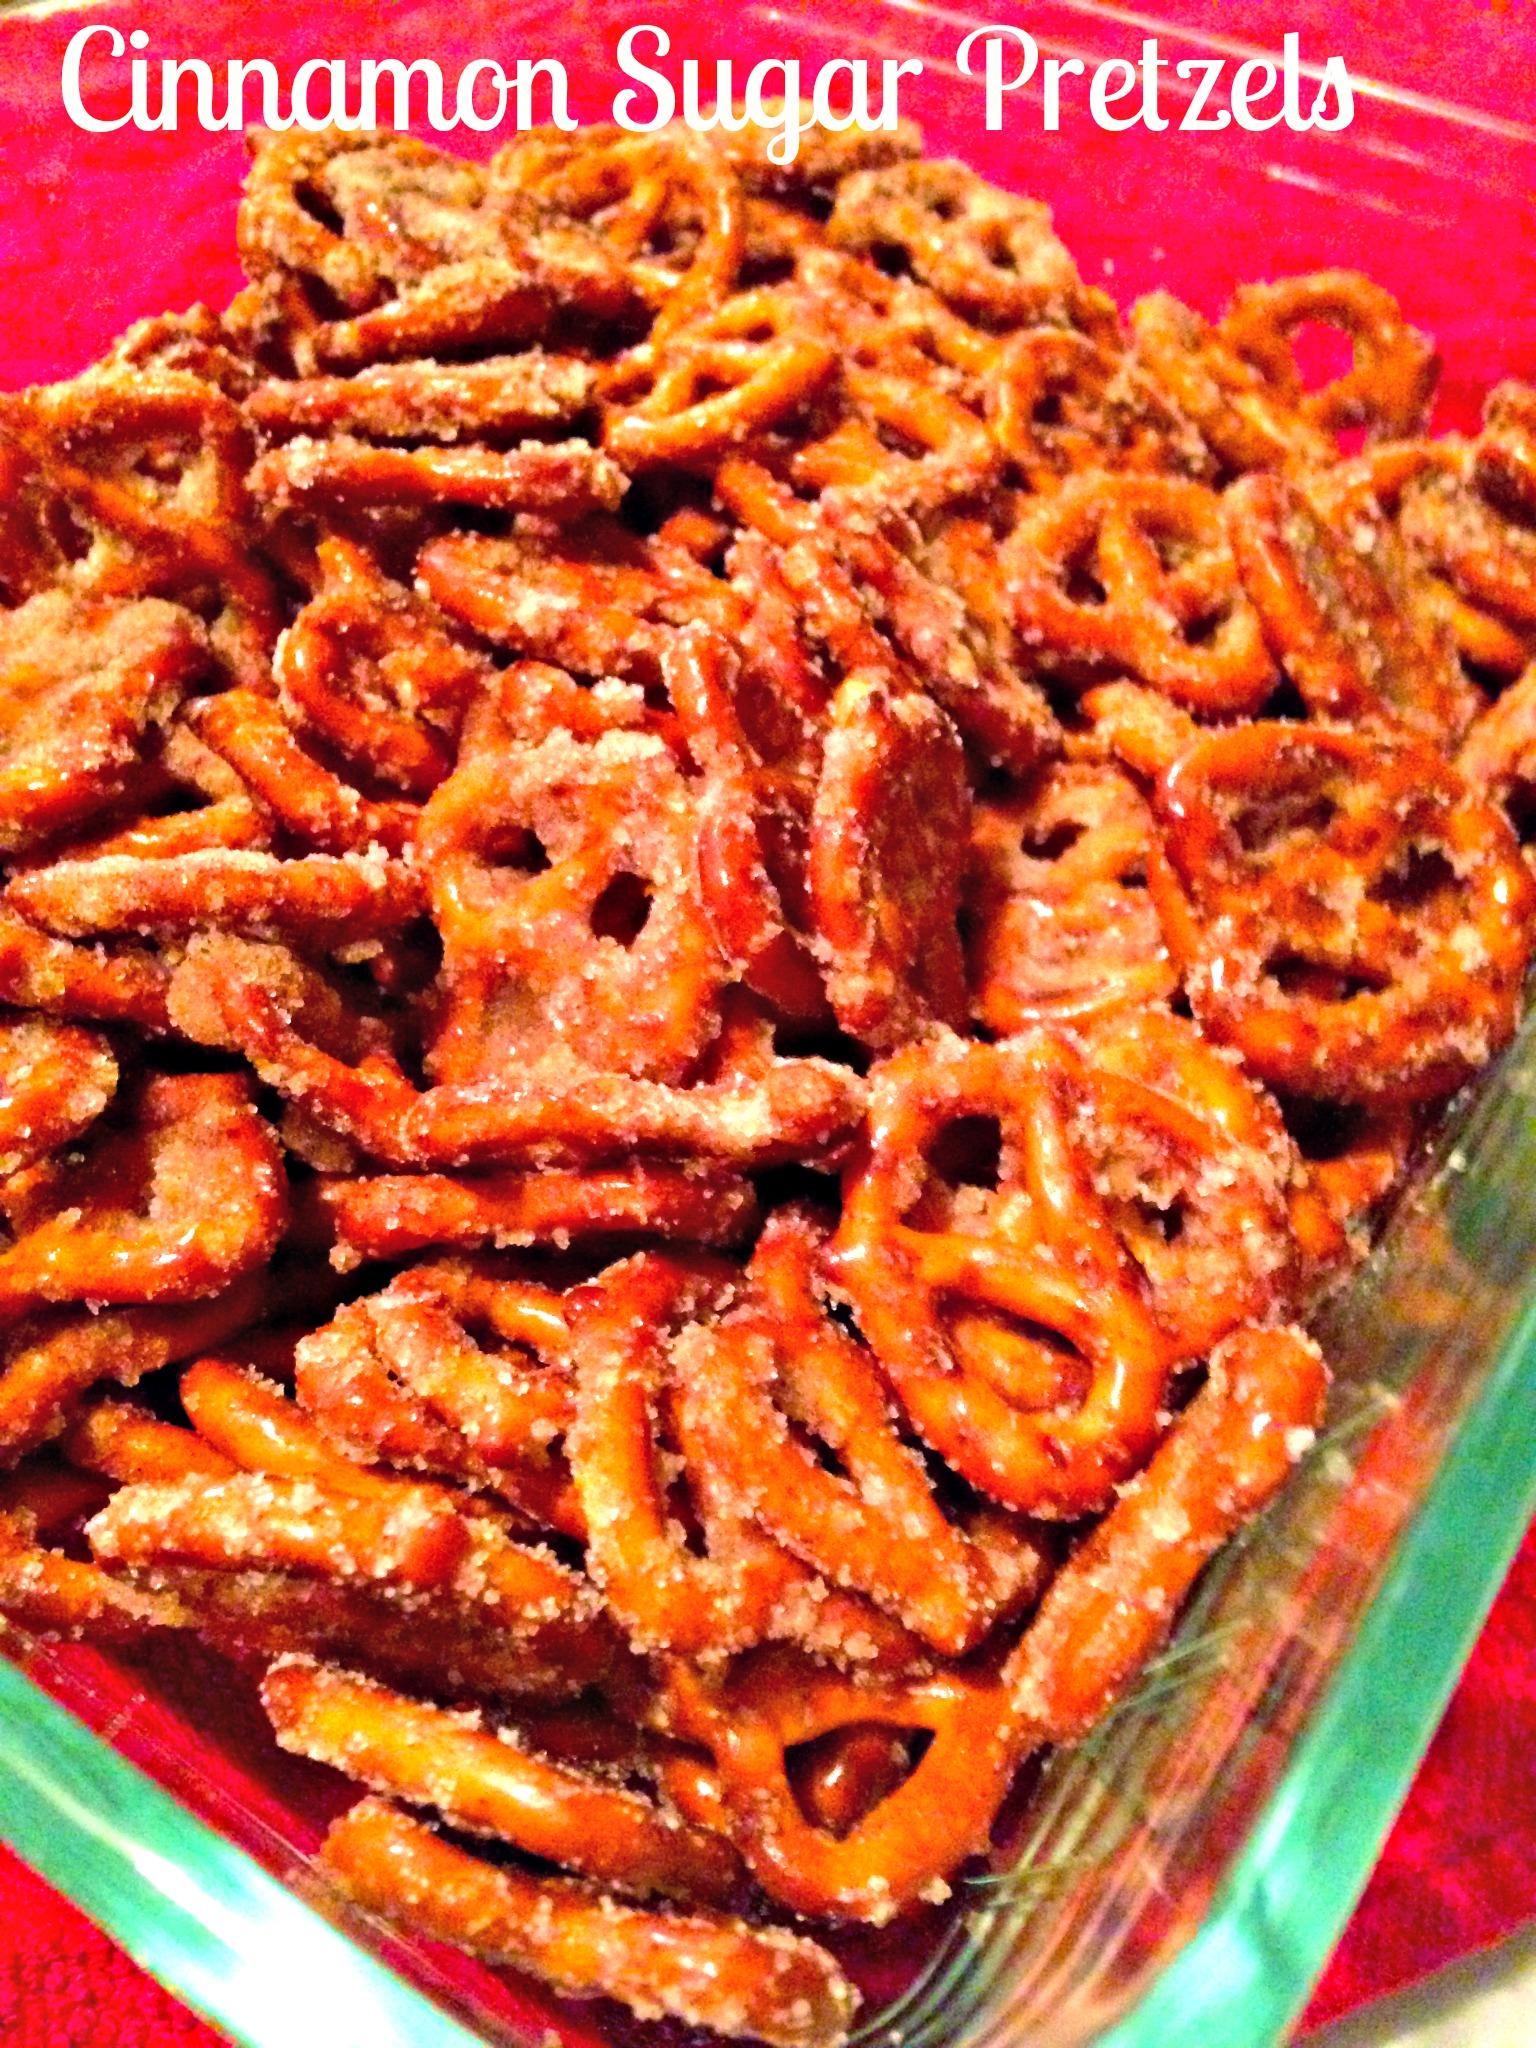 Easy Cinnamon Sugar Pretzel Snack